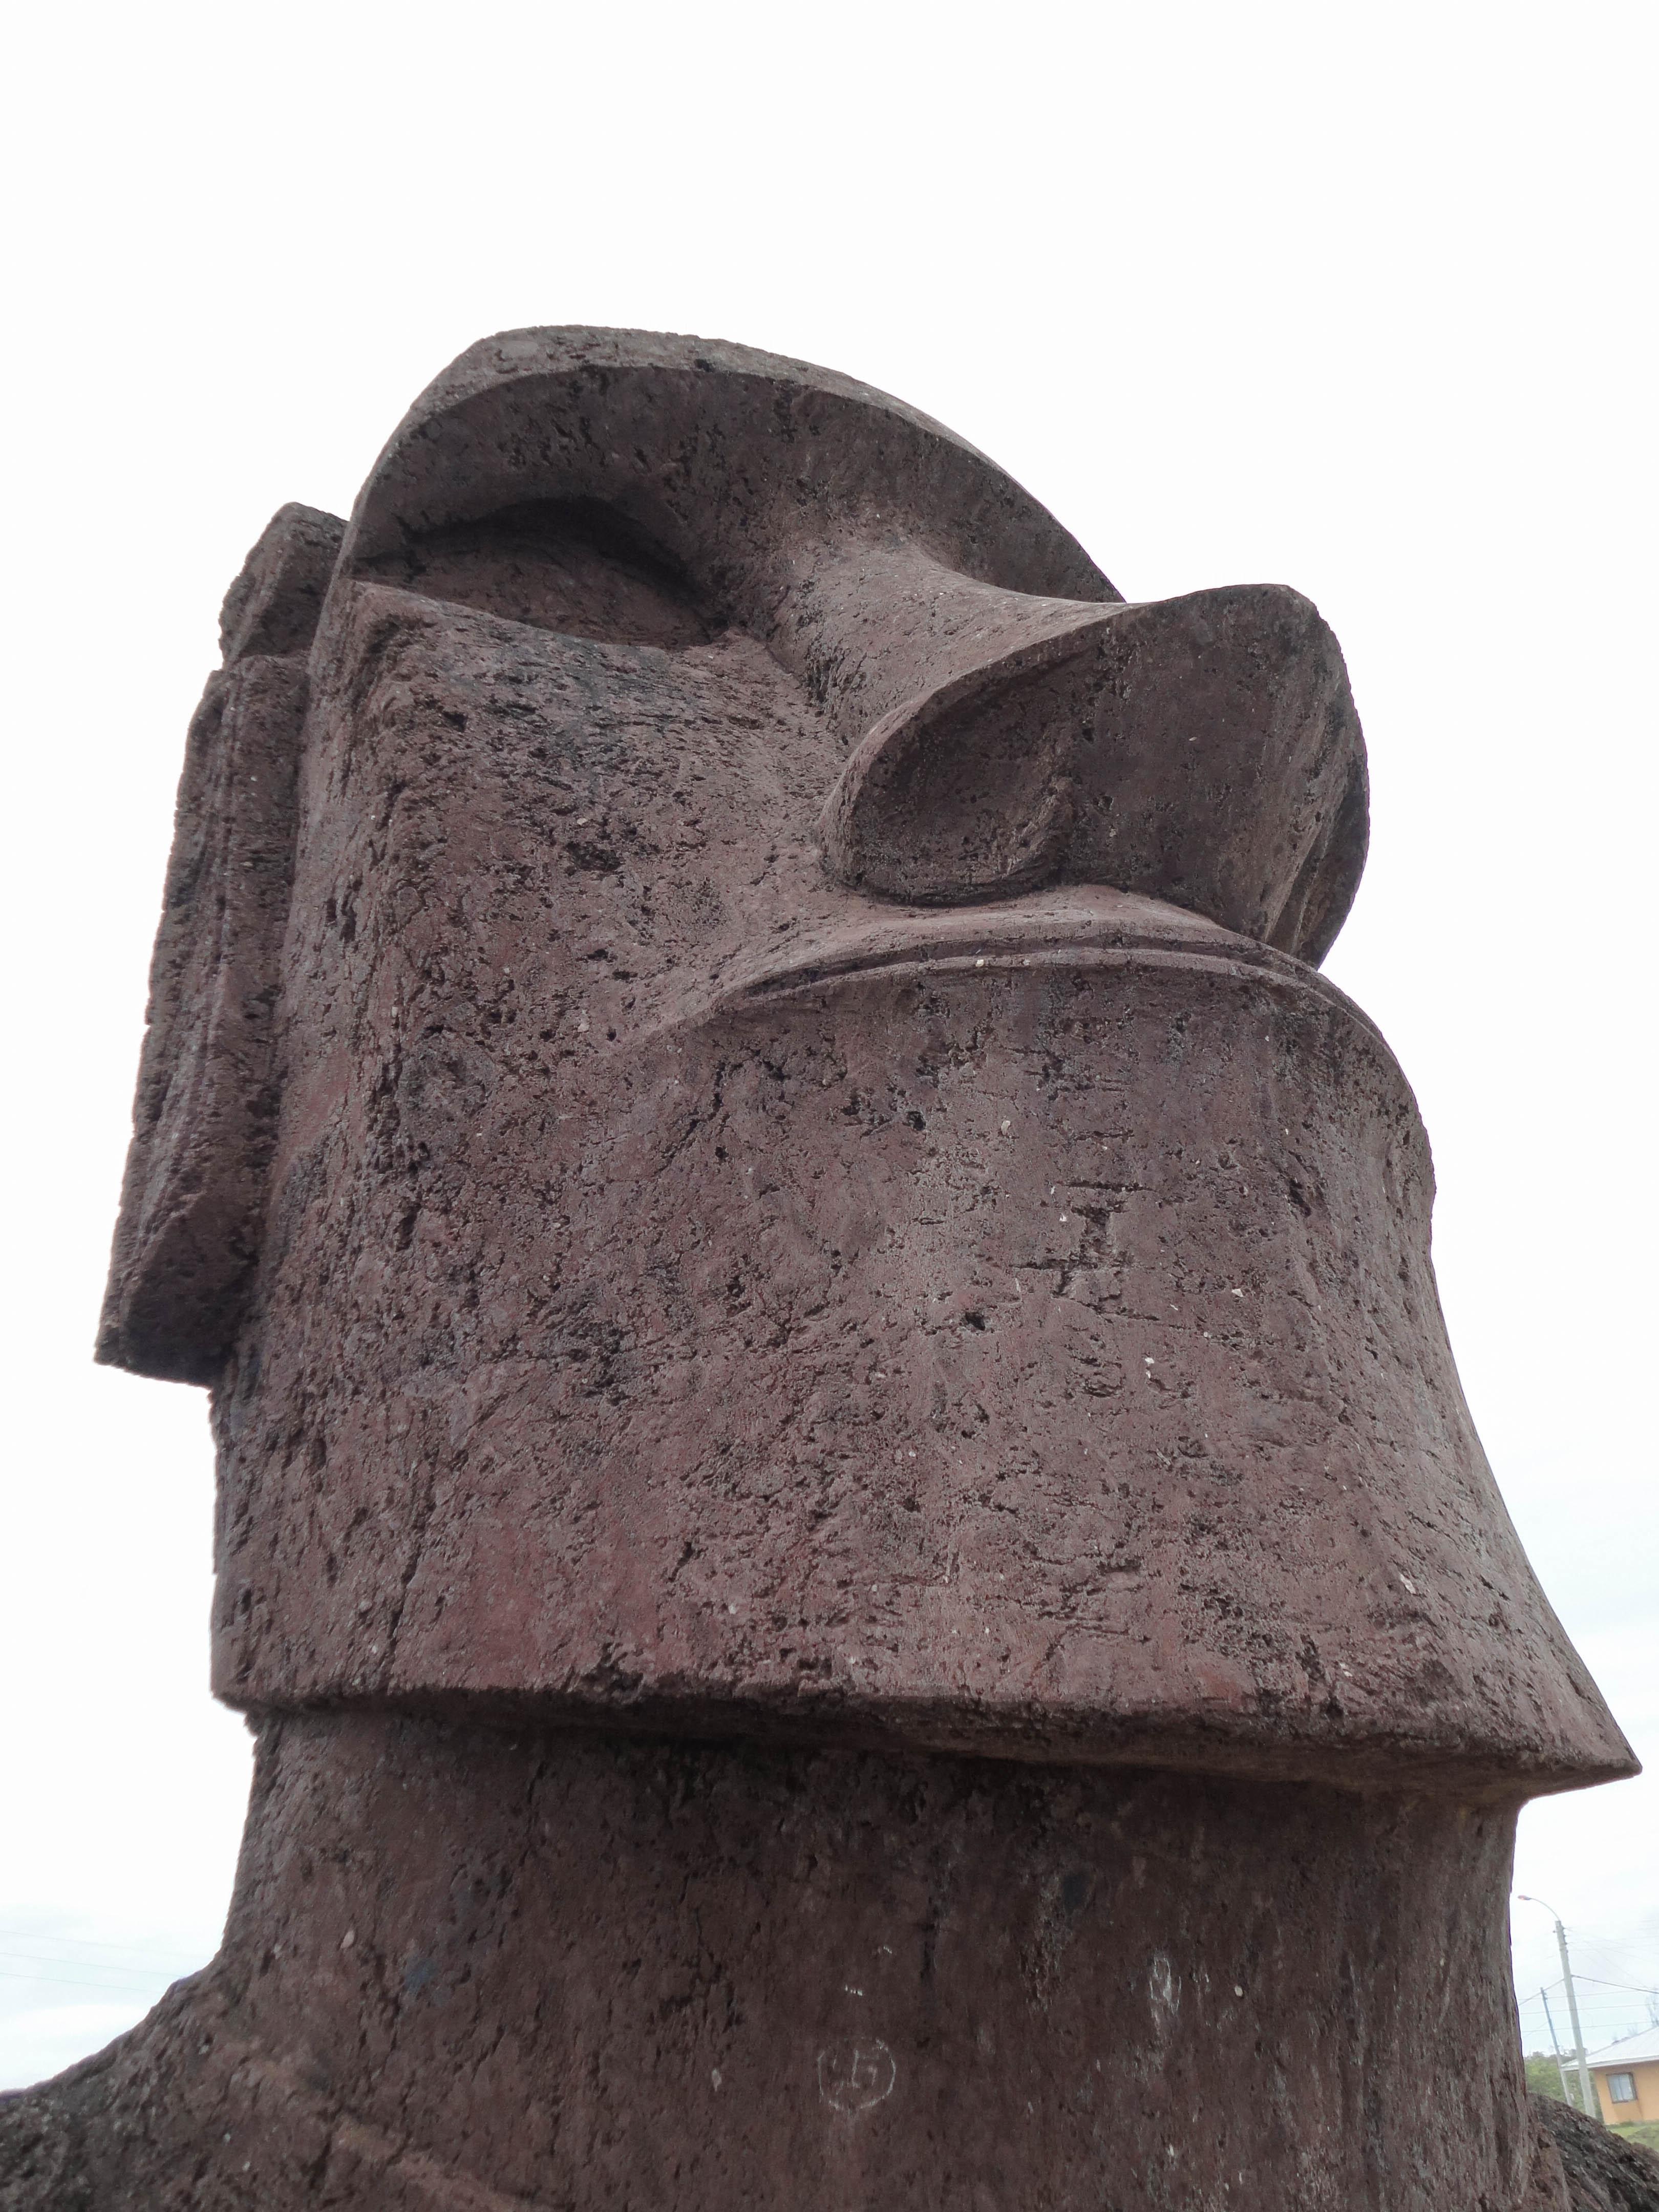 Moai, Hanga Roa